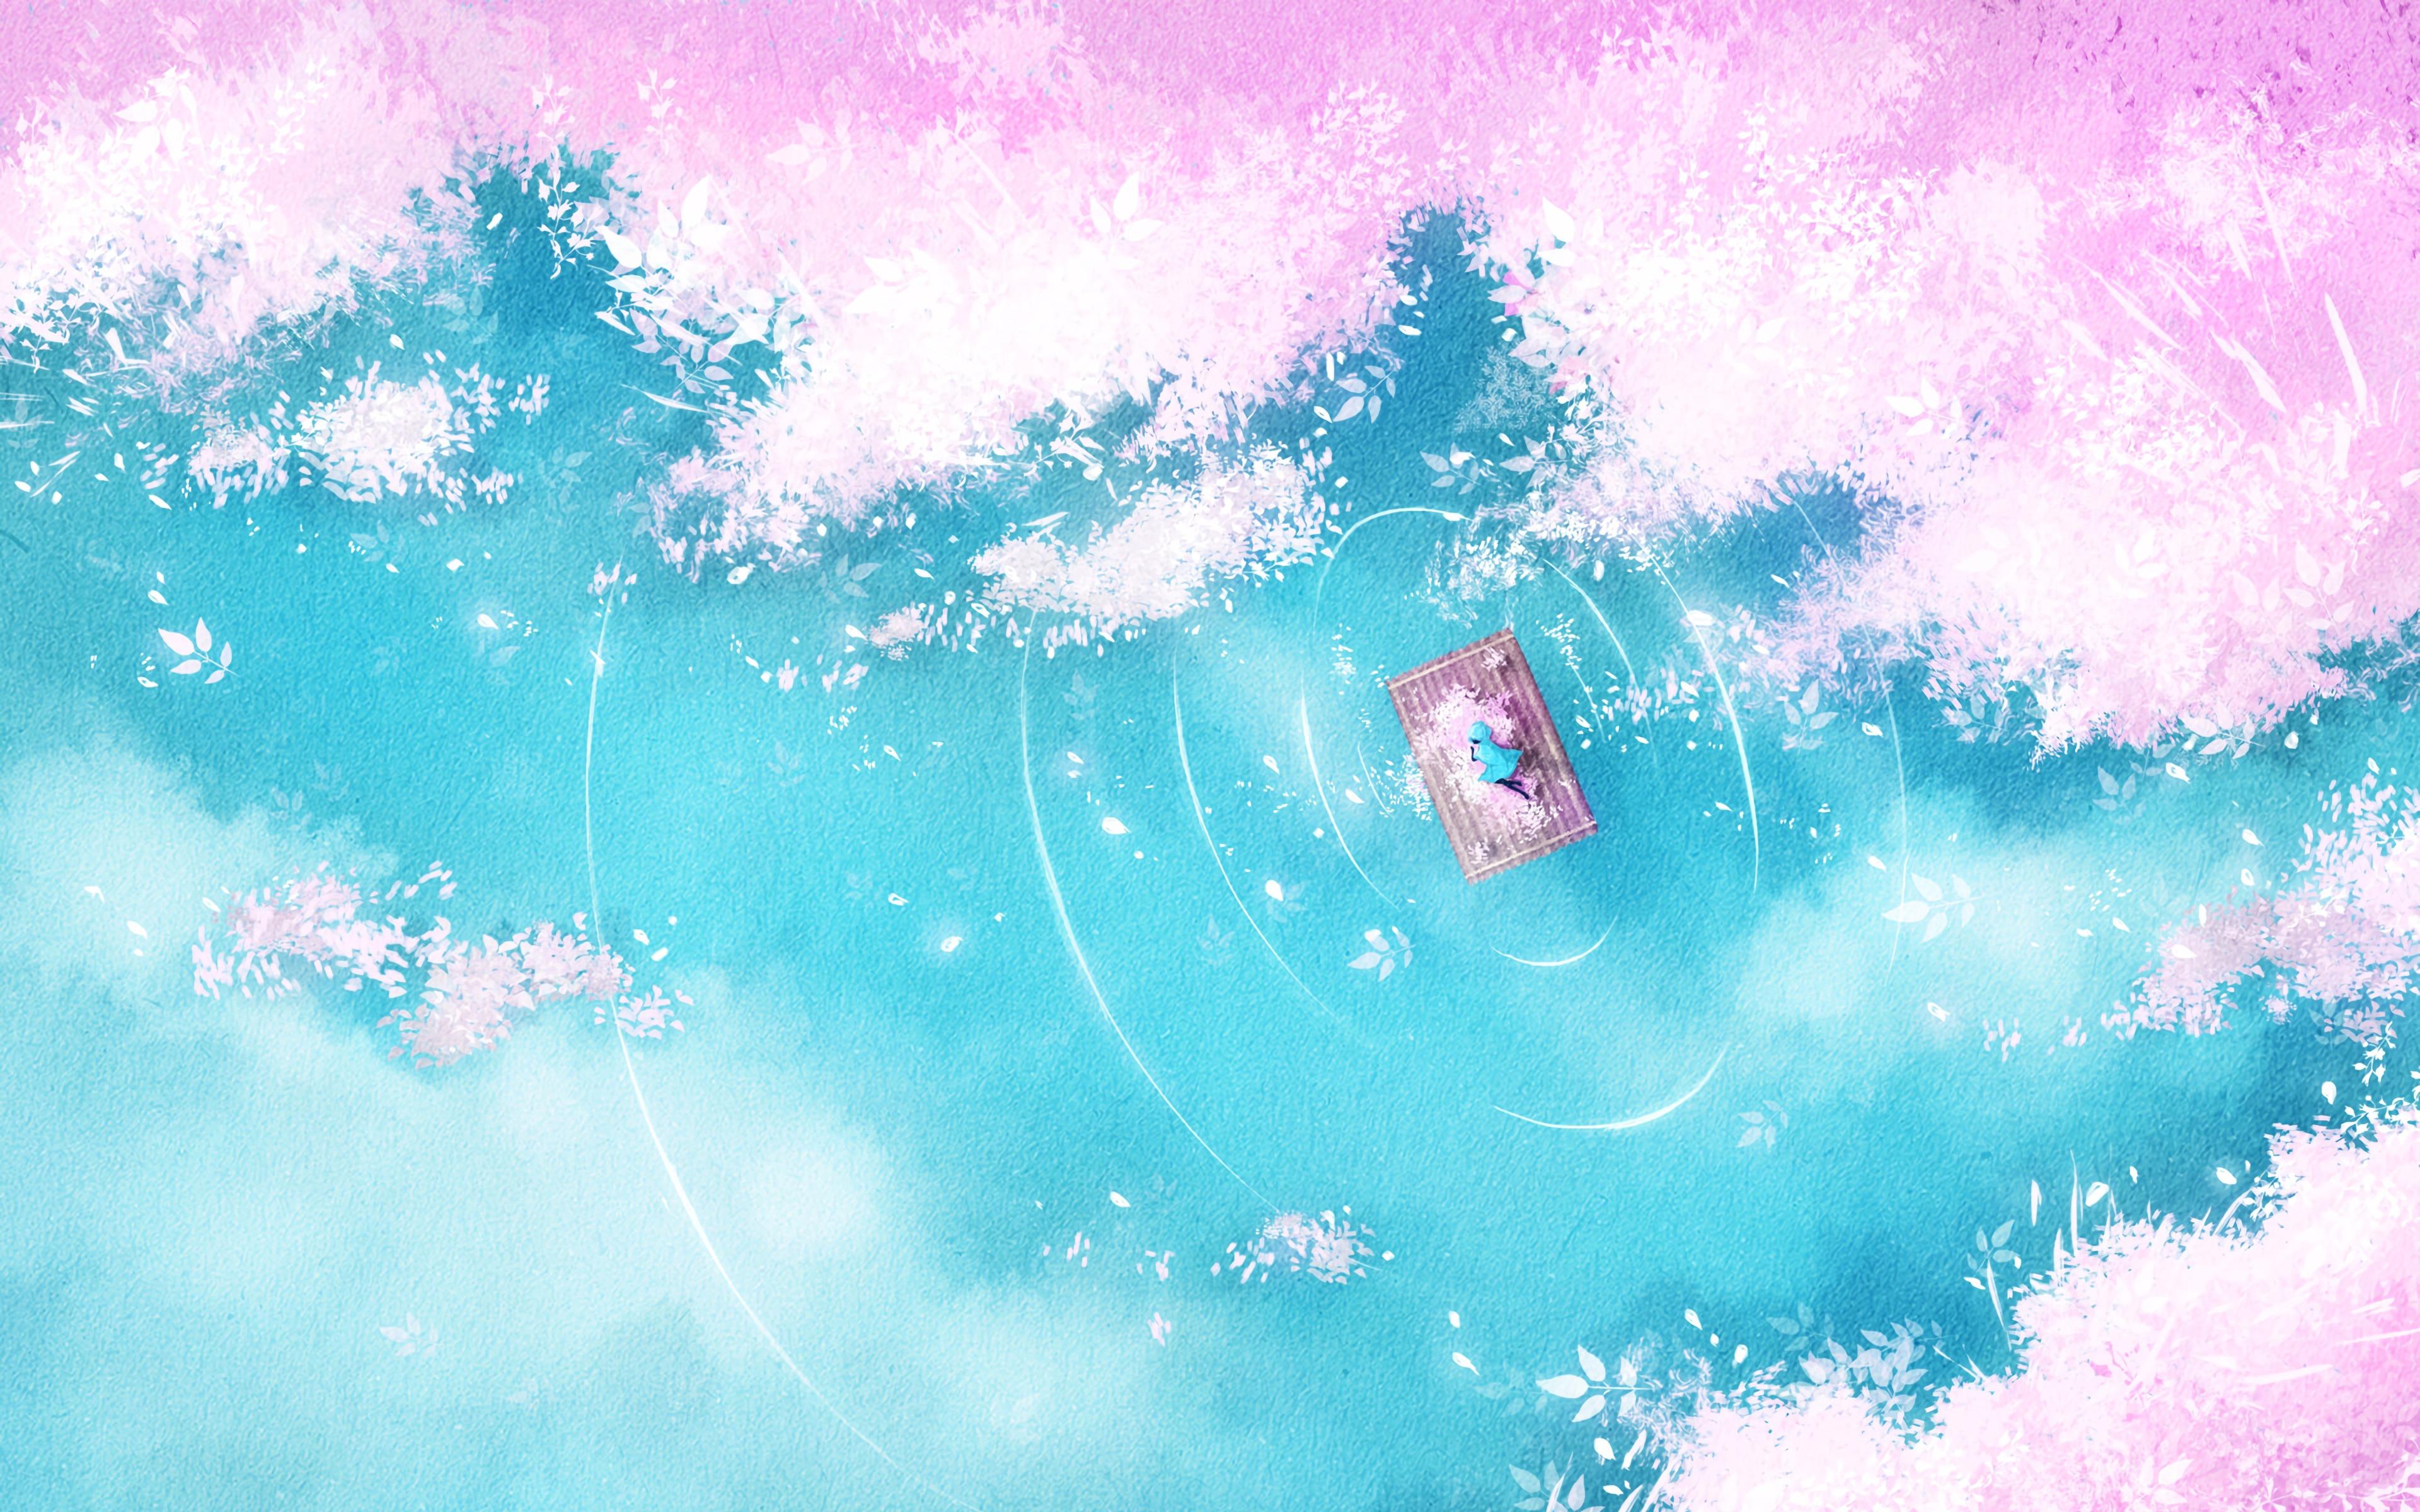 Download wallpaper 3840x2400 lake raft silhouette shore art 4k 3840x2400